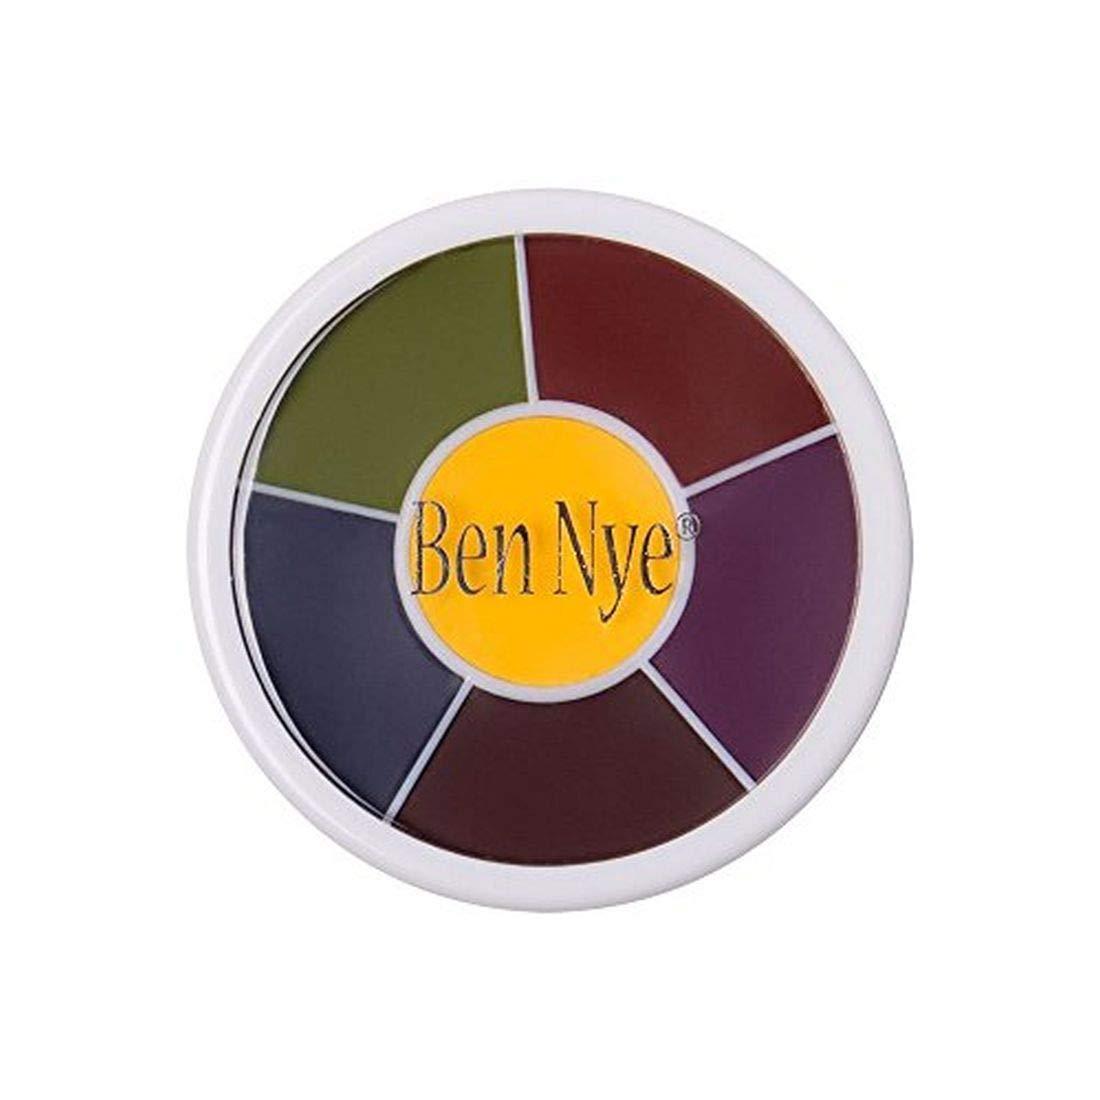 Ben Nye Master Bruise Wheel EW-4 (1 oz/28 gm)